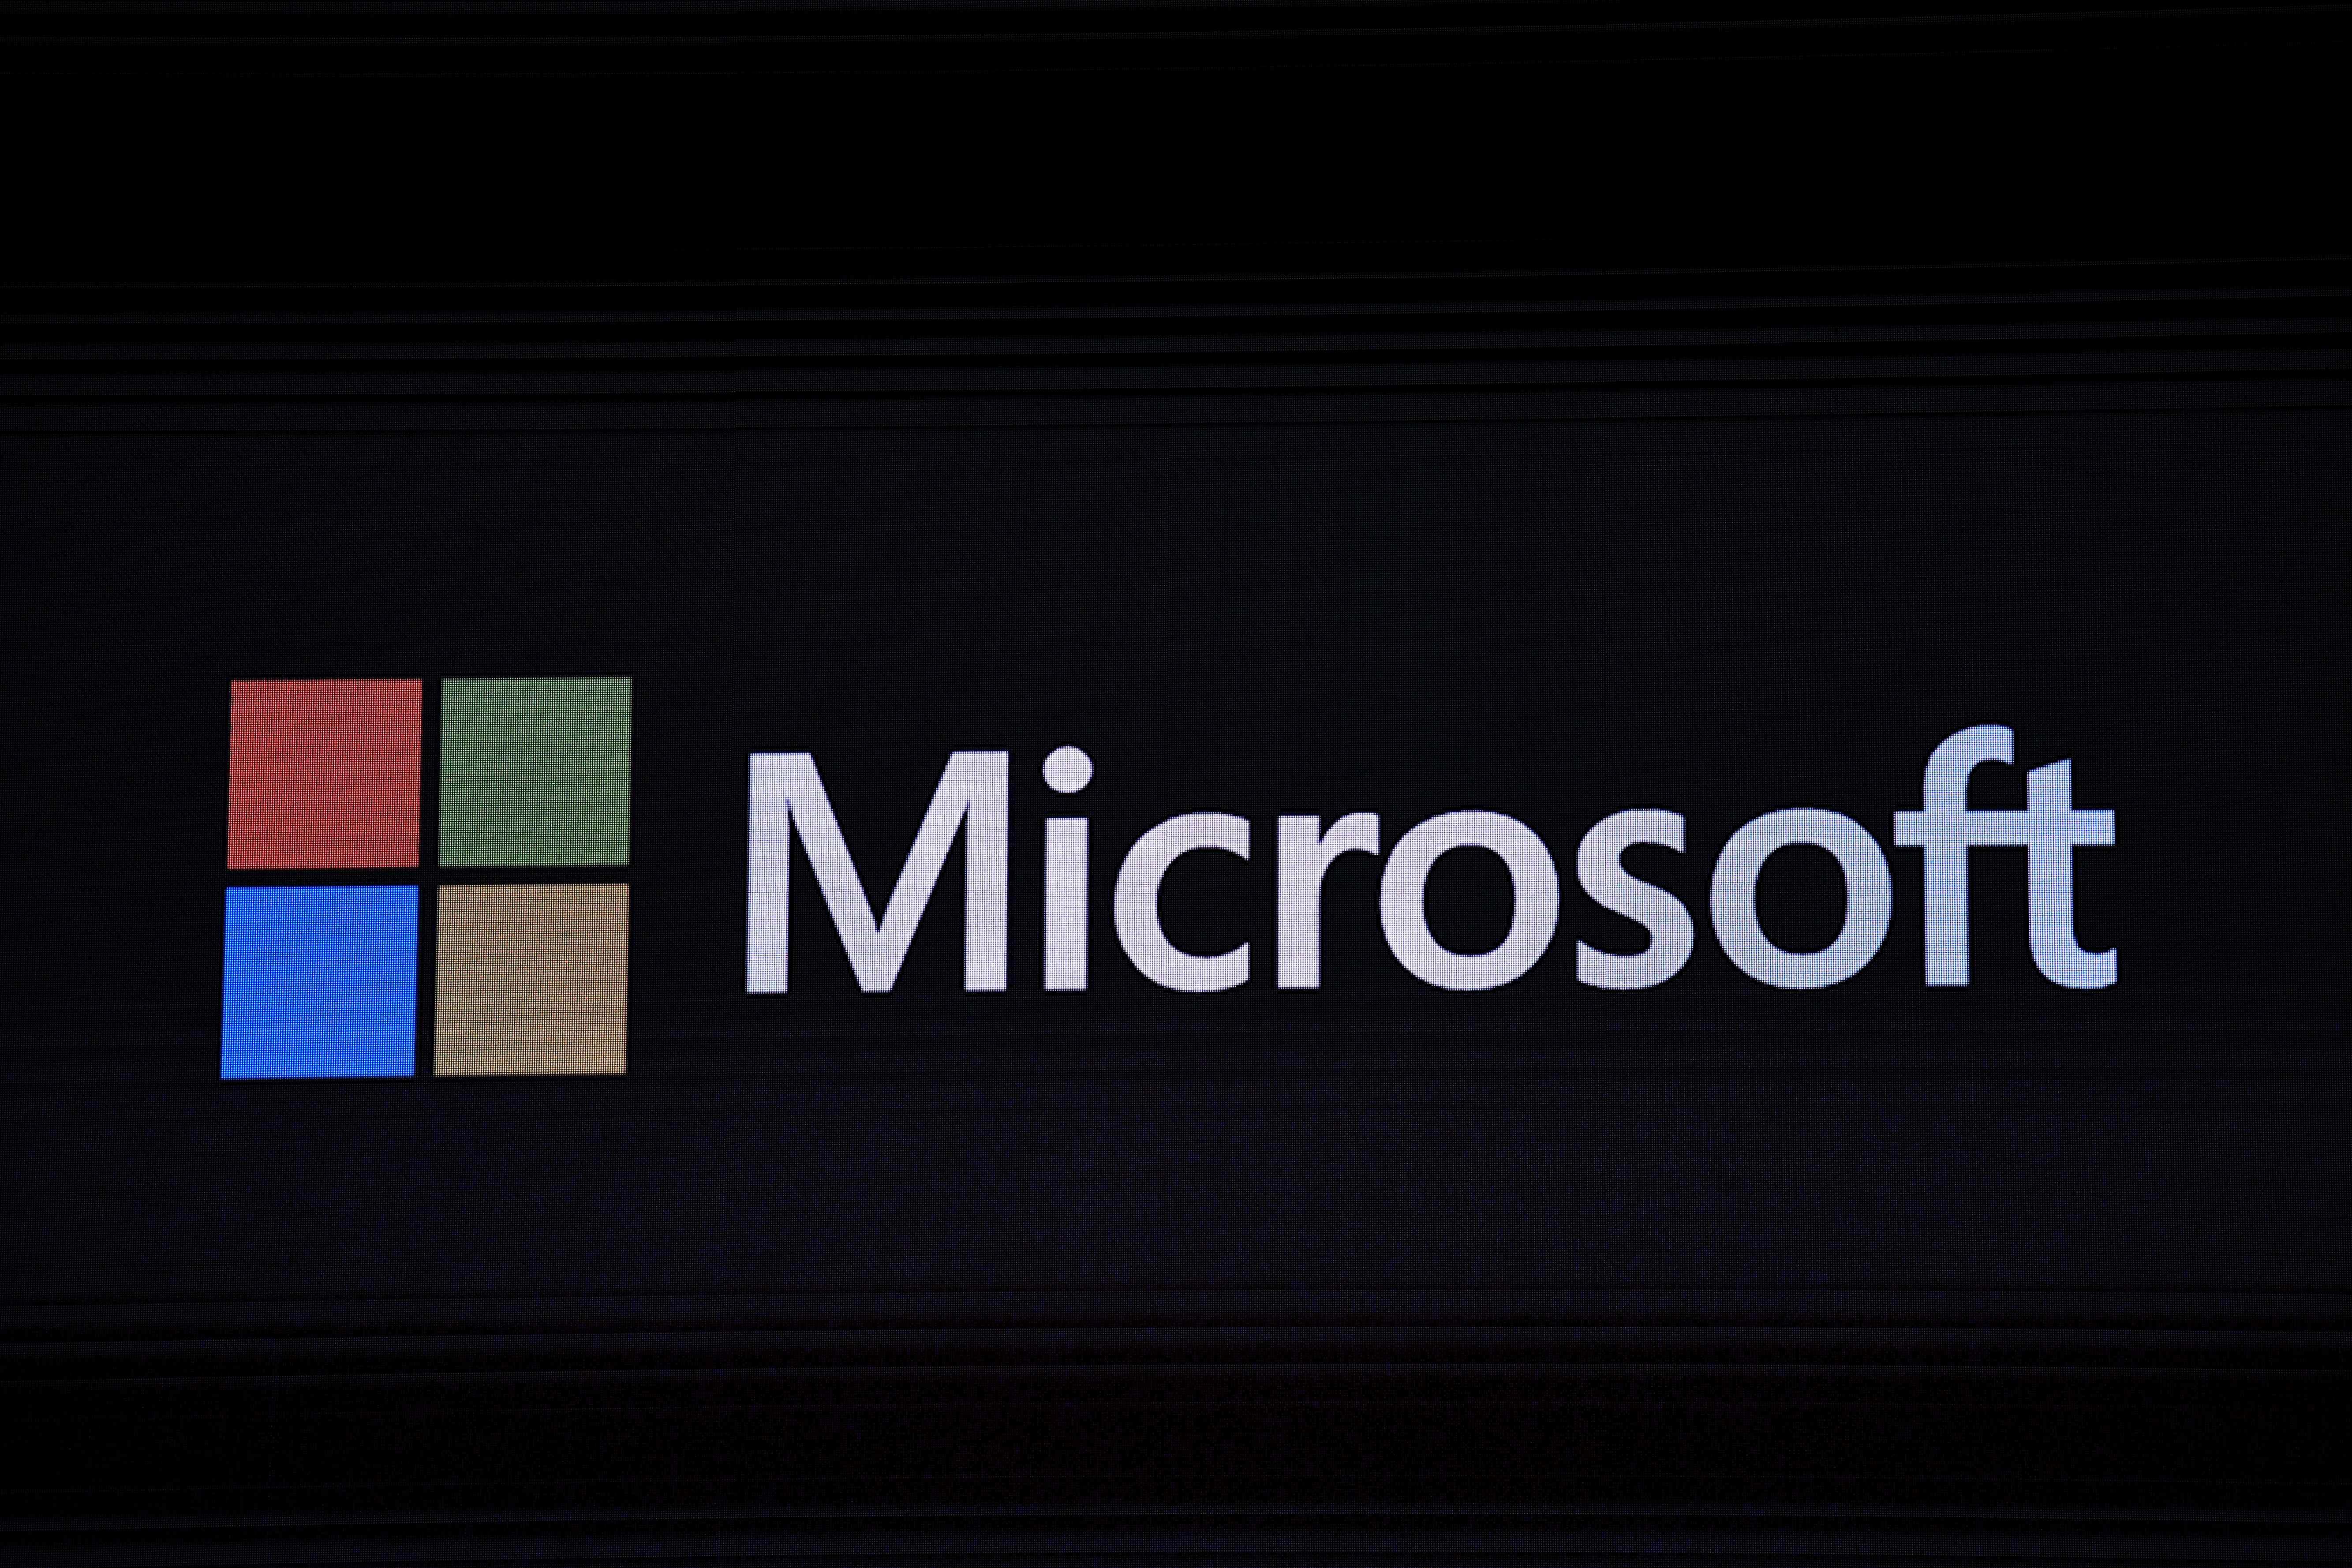 Presuntos hackers rusos accedieron a código fuente de Microsoft, sin producir daños en datos o servicios a clientes